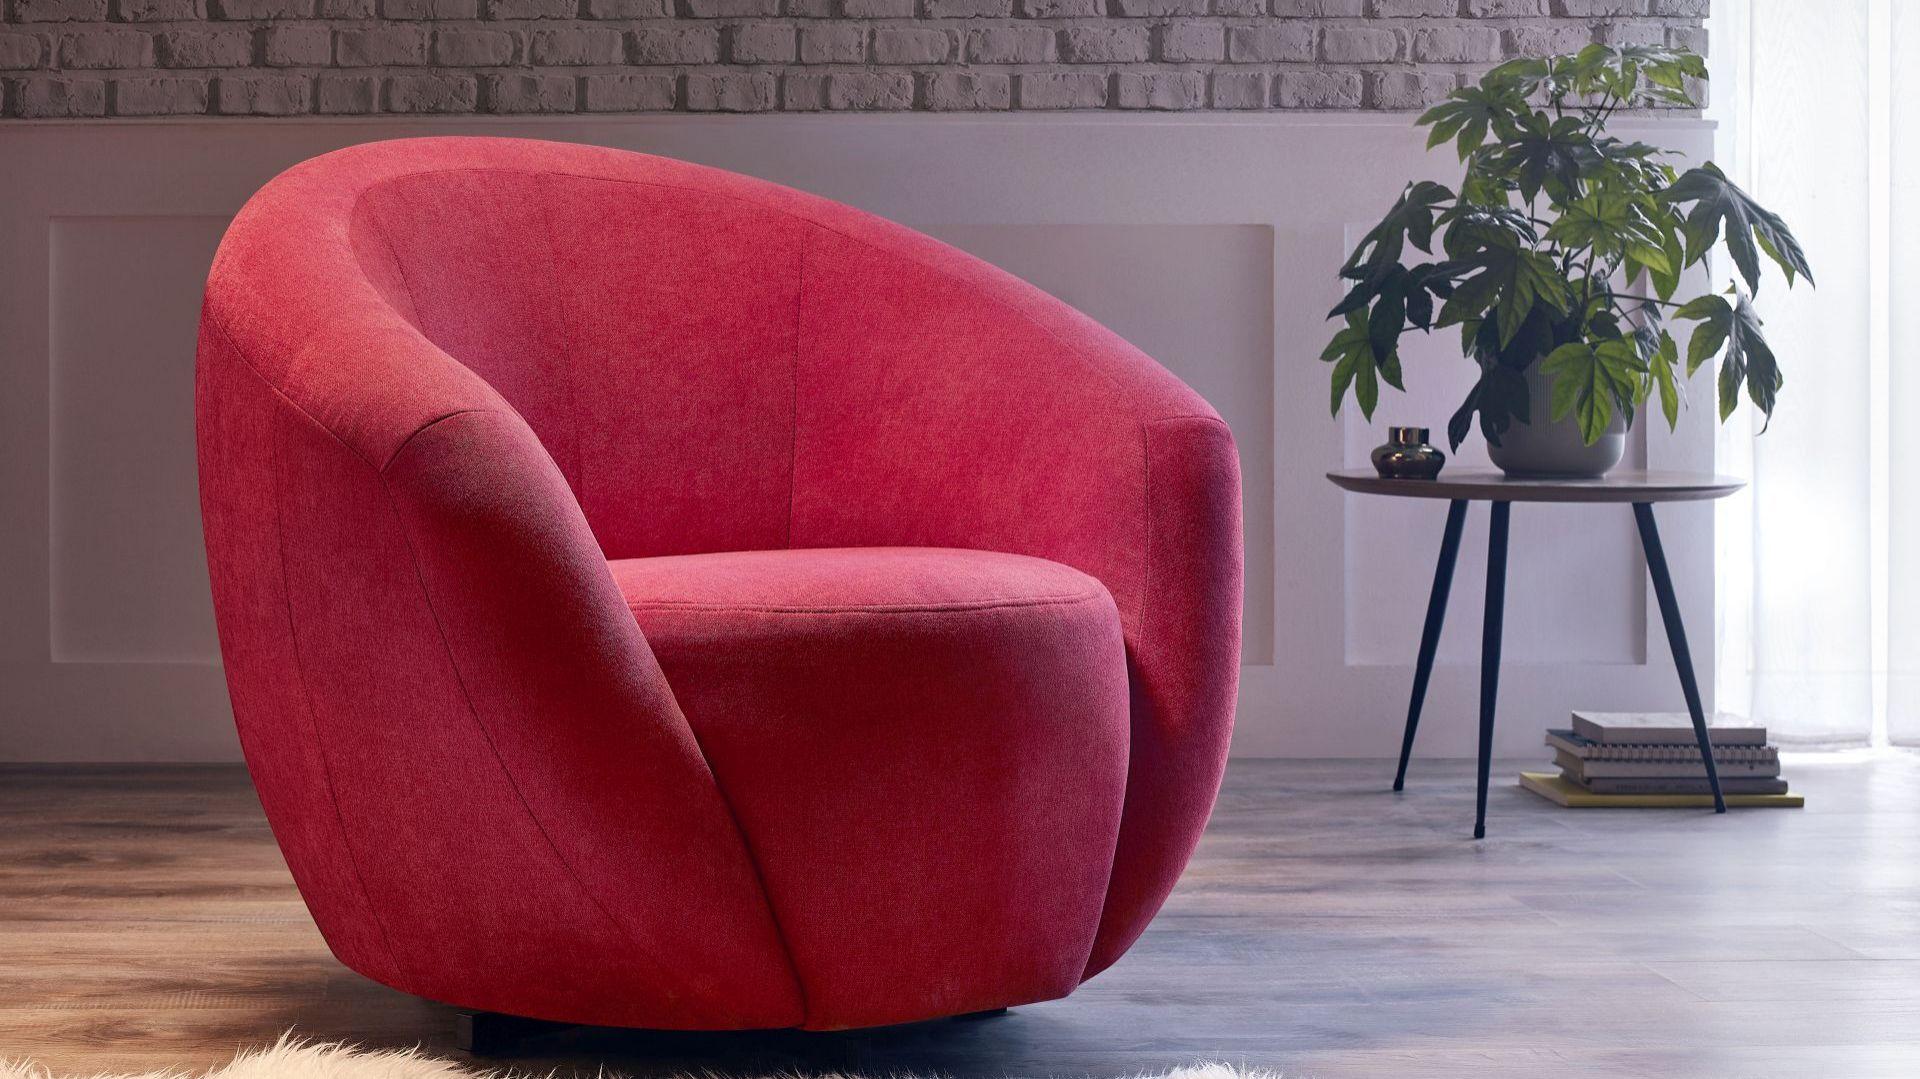 Fotel obrotowy Leo/Emilia Meble. Produkt zgłoszony do konkursu Dobry Design 2020.